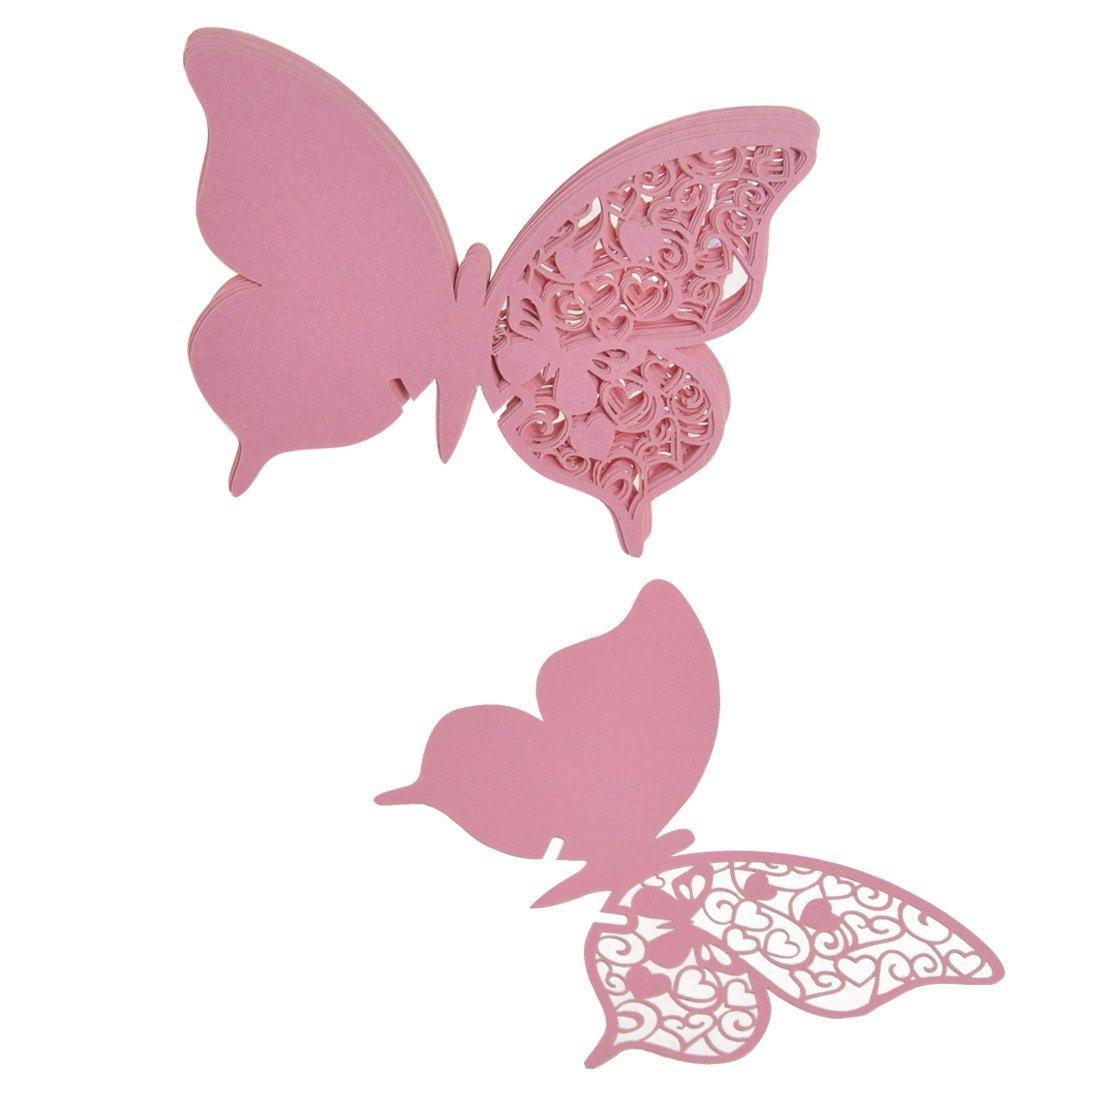 50pcs Tarjeta de Copa Vaso Forma Mariposa Rosado para Navidad Fiesta Boda